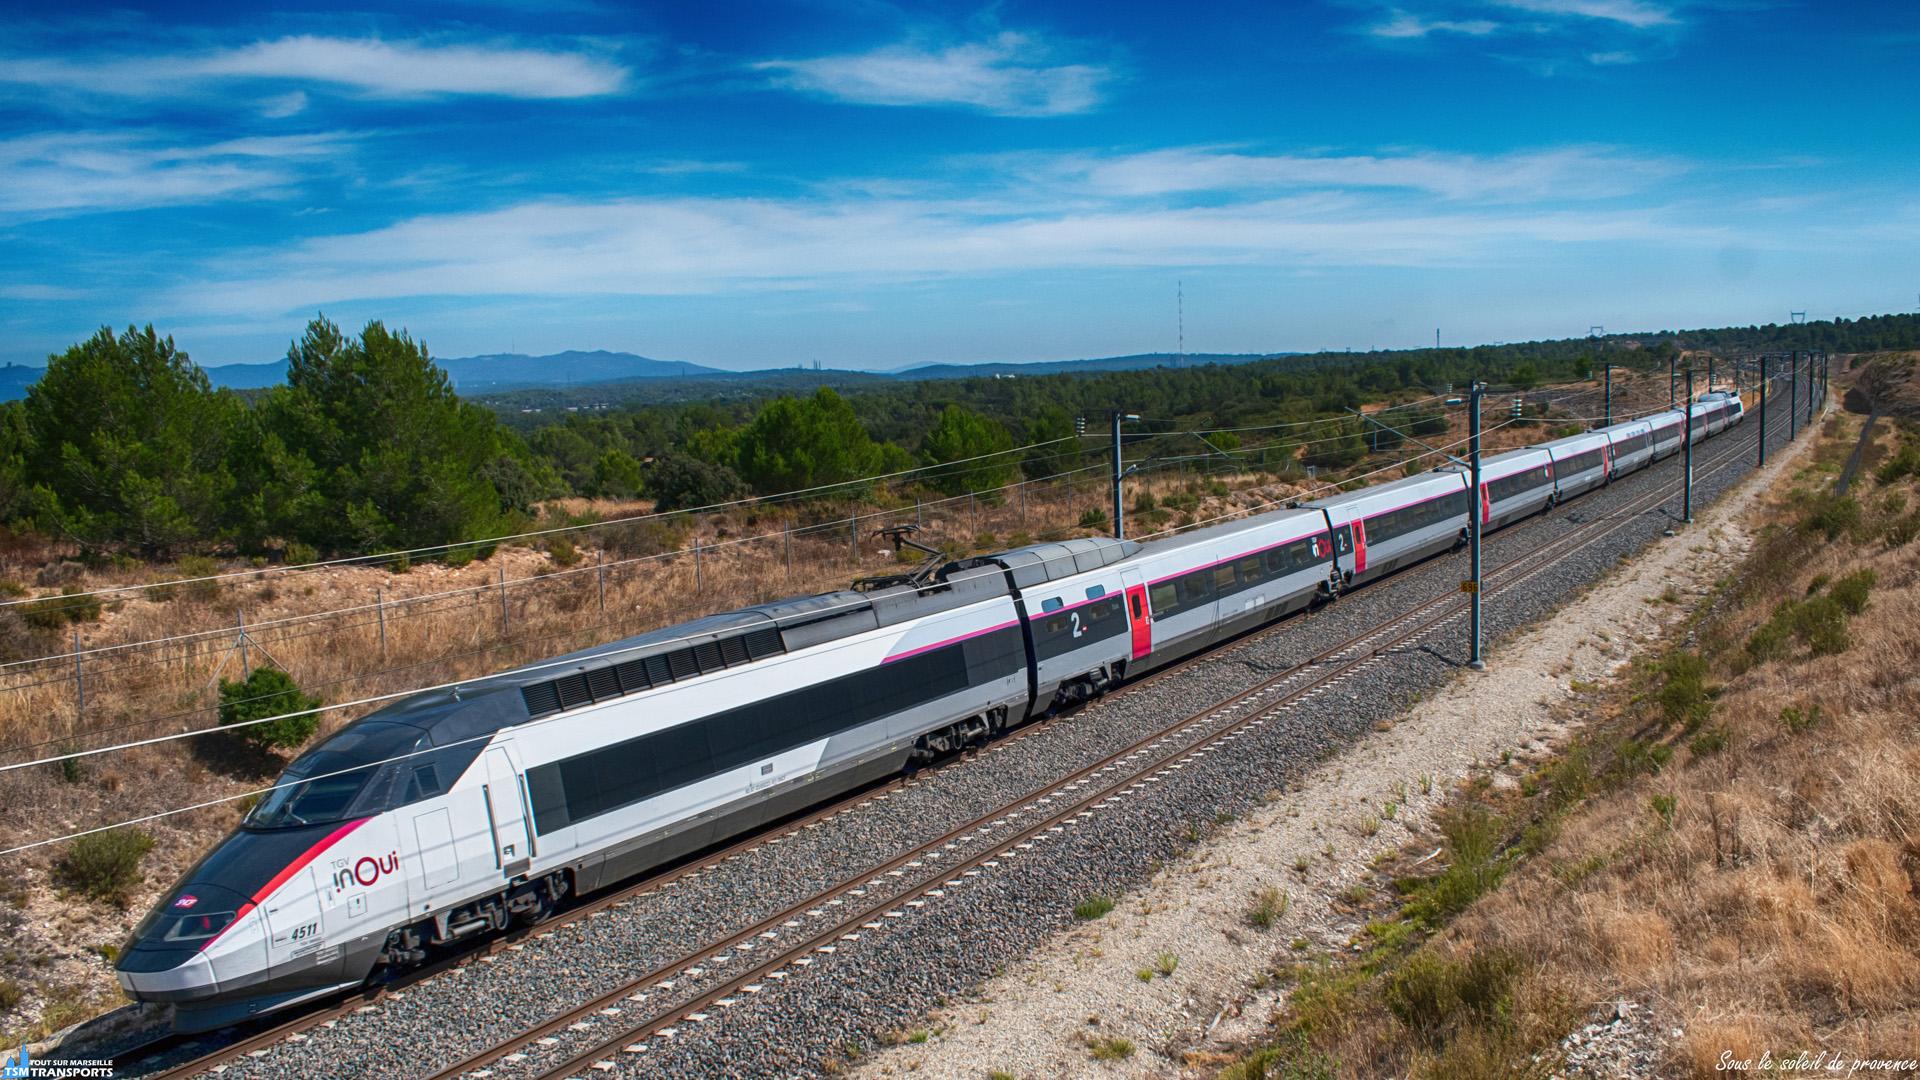 Sous un soleil en pleine forme, ce TGV Réseau Intersecteur Tricourant récemment Inouiser file vers Marseille, il est aperçu ici, dans le Parc Départemental de la Tour de l'Arbois, qui est traversé par la LGV Méditerranée. . ℹ️ Alsthom TGV Réseau Intersecteur Tricourant n°4511 SNCF. . 📍 Parc Départemental de la Tour de l'Arbois, 13290 Aix-en-Provence. . ➡️ Marseille Saint Charles. . 📖 Le plateau de l'Arbois, aussi appelé chaîne de Vitrolles, est un petit plateau dans les Bouches-du-Rhône. Le massif offre des milieux d'une grande richesse et abrite aujourd'hui deux infrastructures majeures : le technopôle de l'Arbois Méditerranée et la gare TGV d'Aix en Provence. . 📸 Nikon D5600. . 📷 Nikkor 18-55mm. . 📅 17 Août 2019 à 16:10.